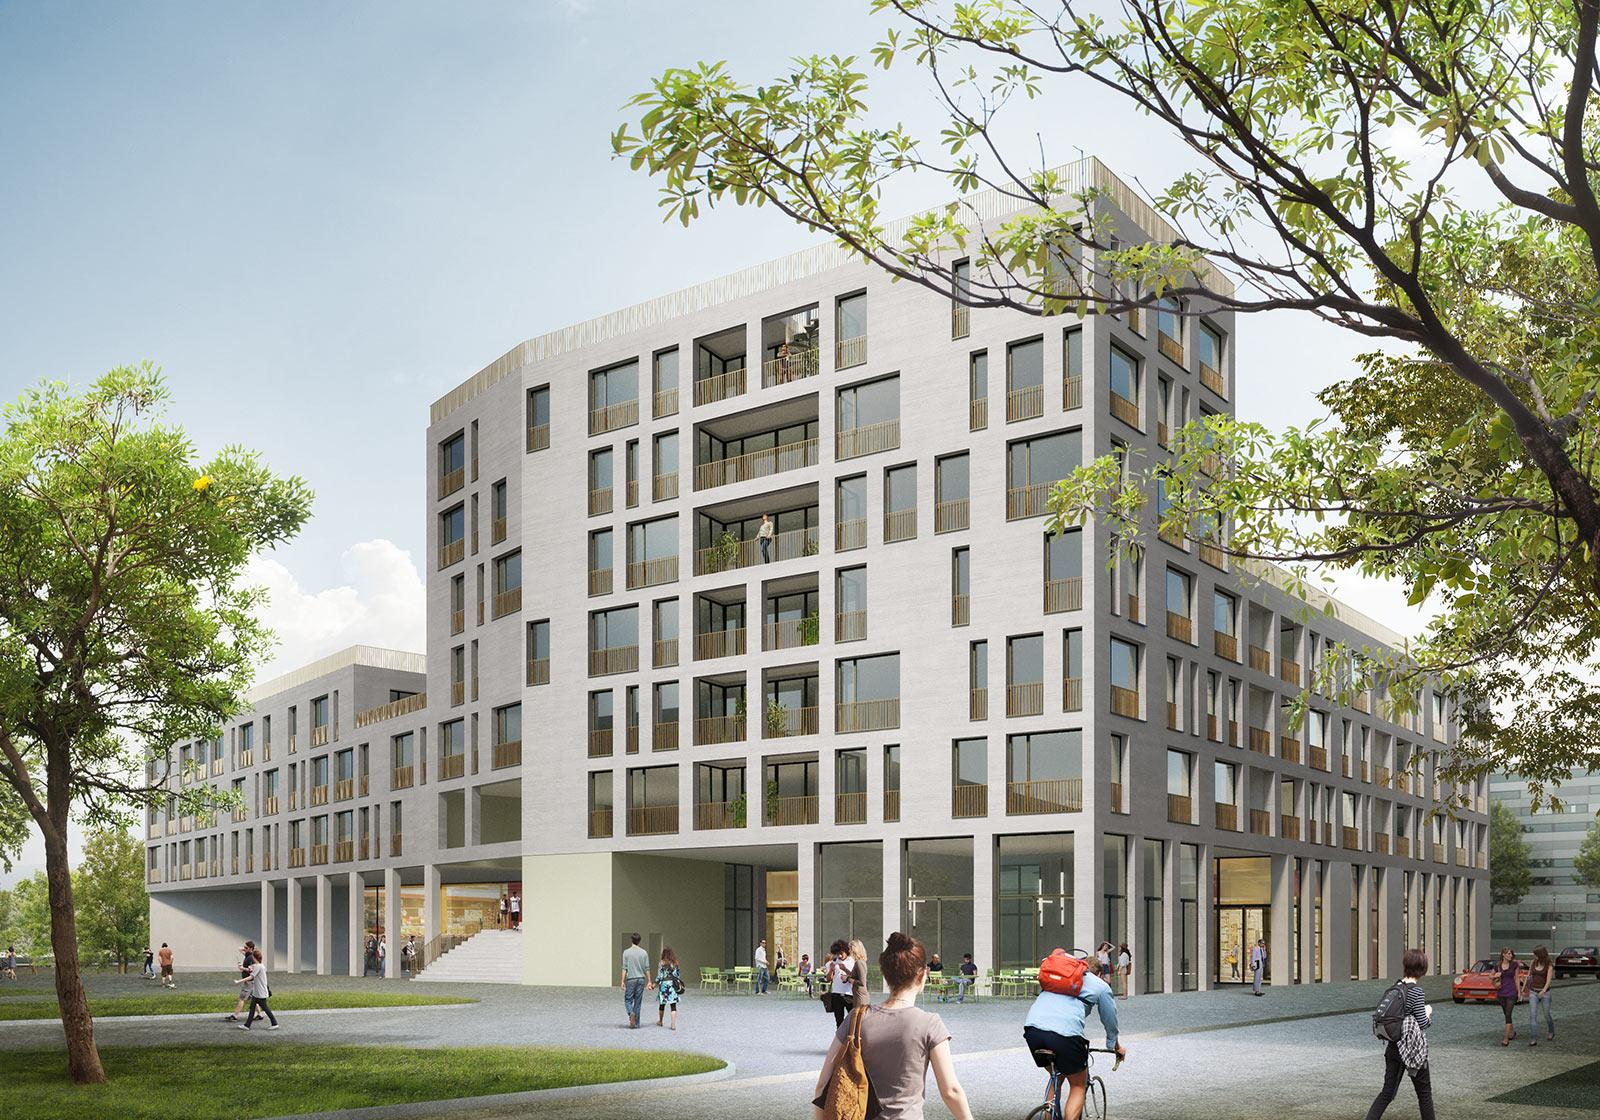 Ein mehrgeschossiger urbaner Wohnblock mit Handelsflächen im EG als anspruchsvoller Auftakt zum Messequartier. Visualisierung: nightnurse images gmbh